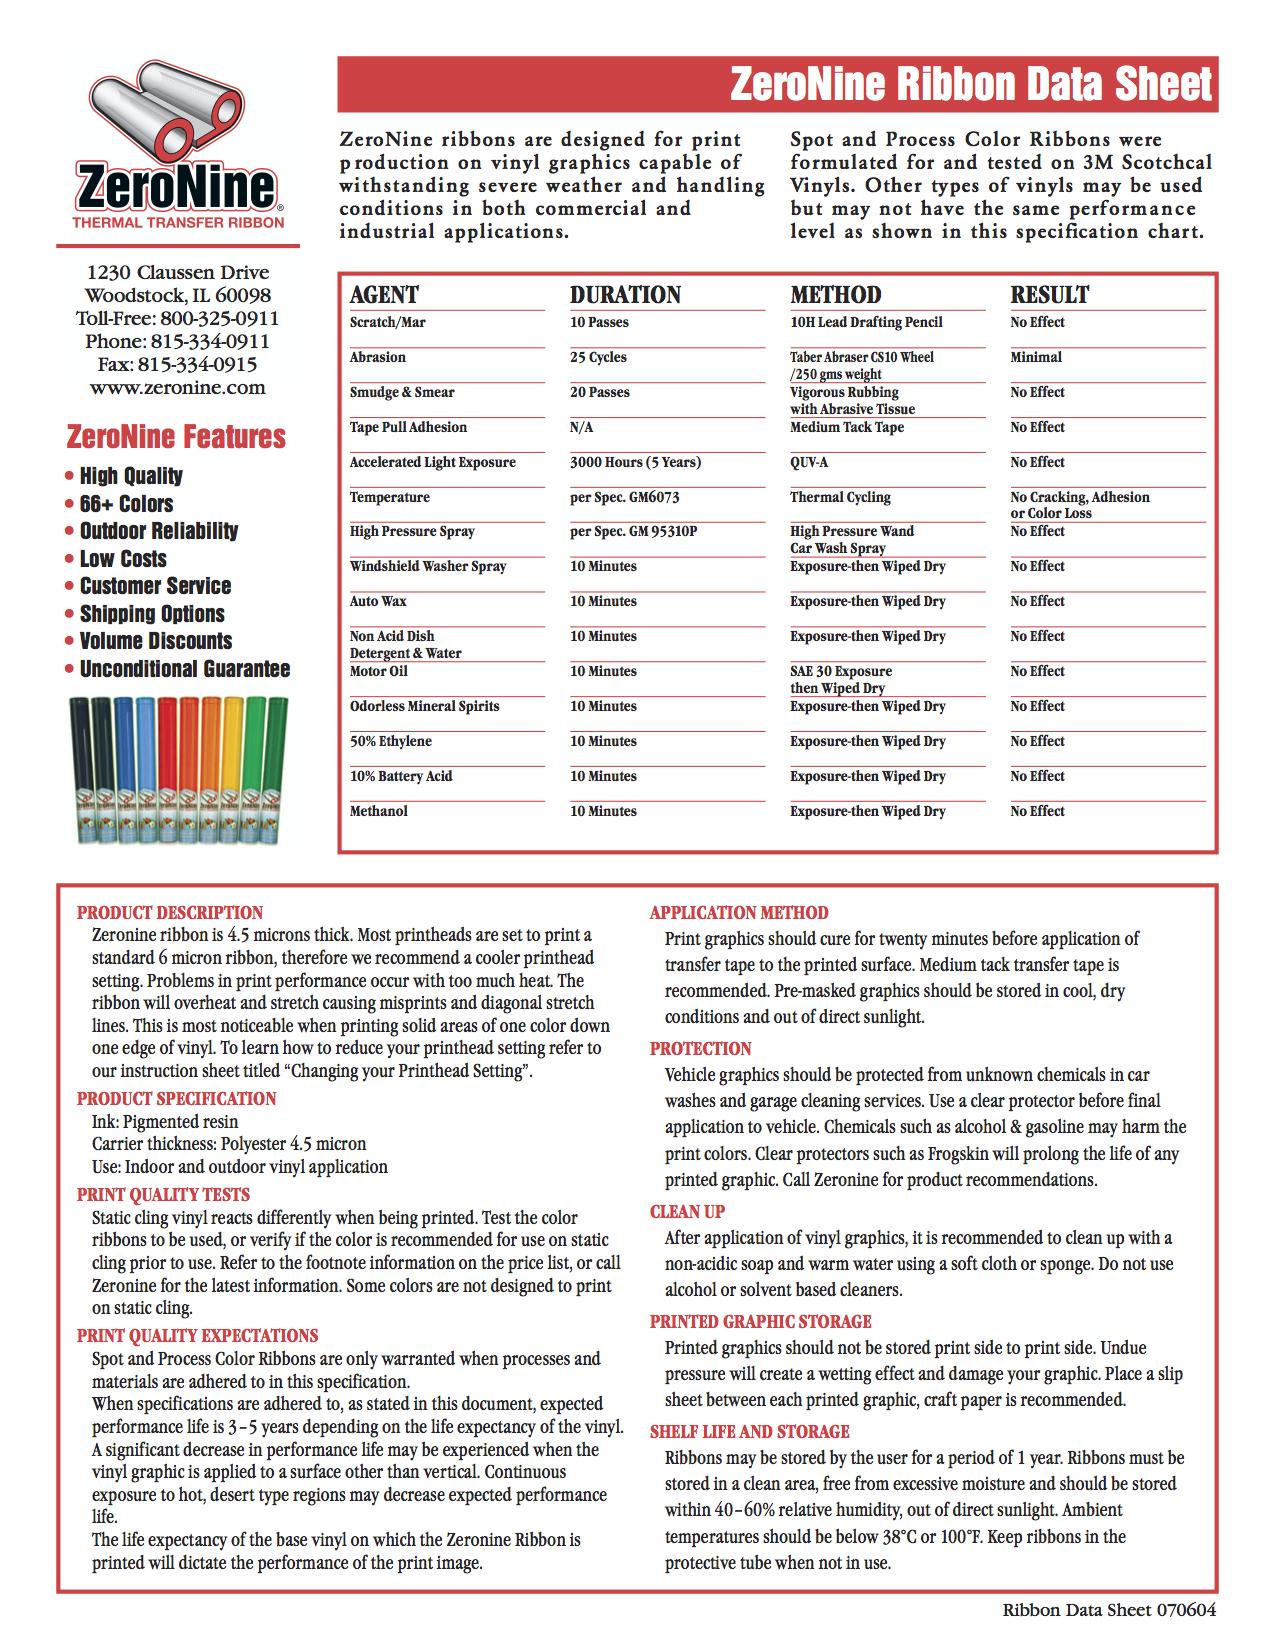 ribbon-data-sheet-070604.jpg